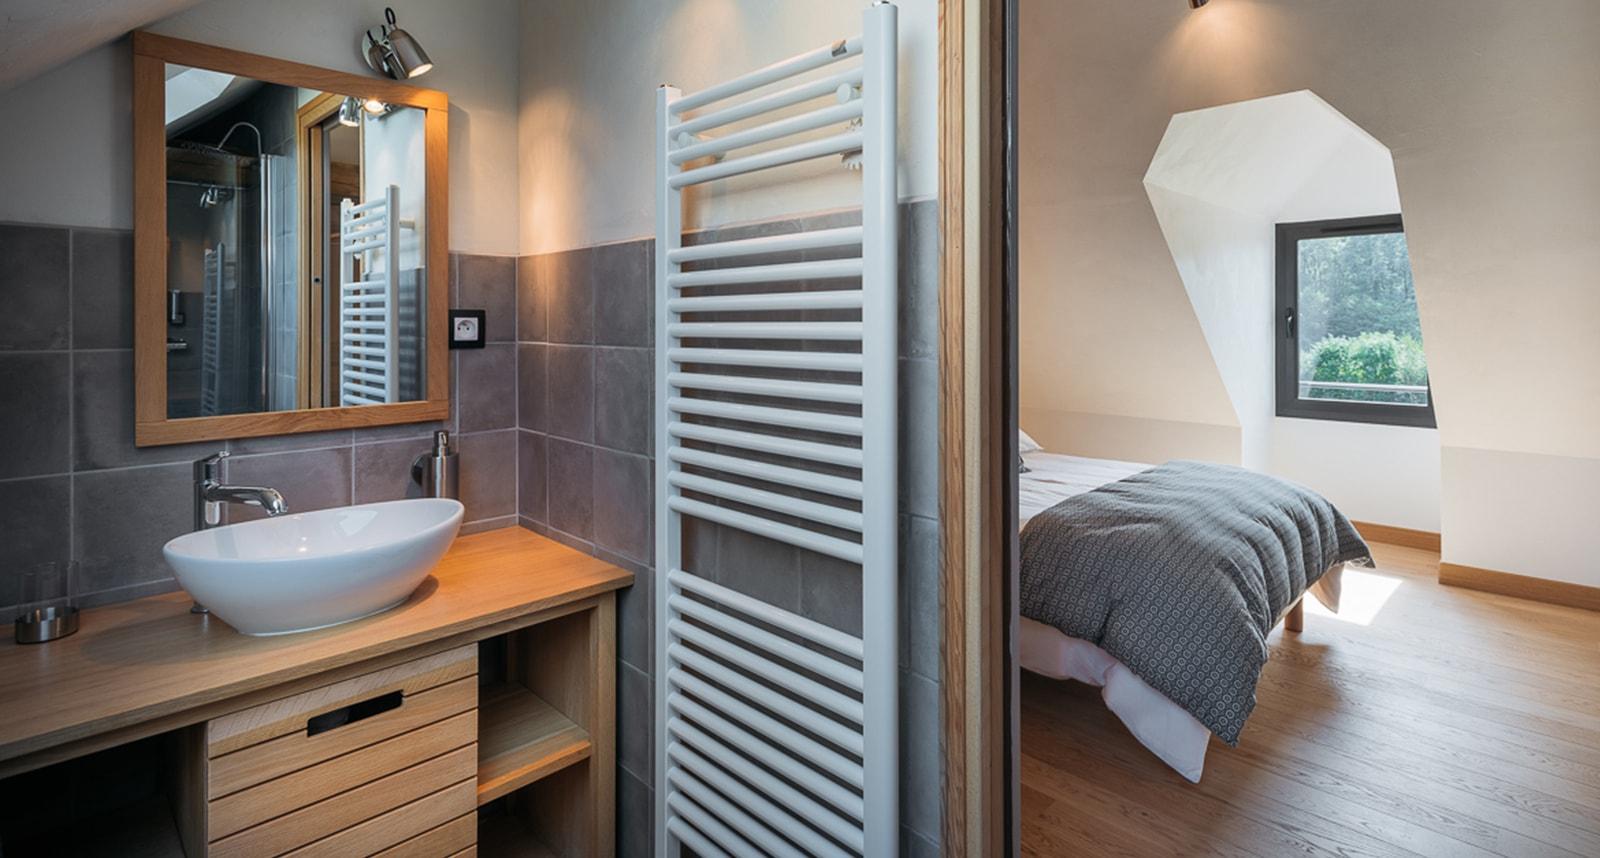 Baignoire Sous Les Combles comment créer une salle de bain sous combles ? - agrandir ma